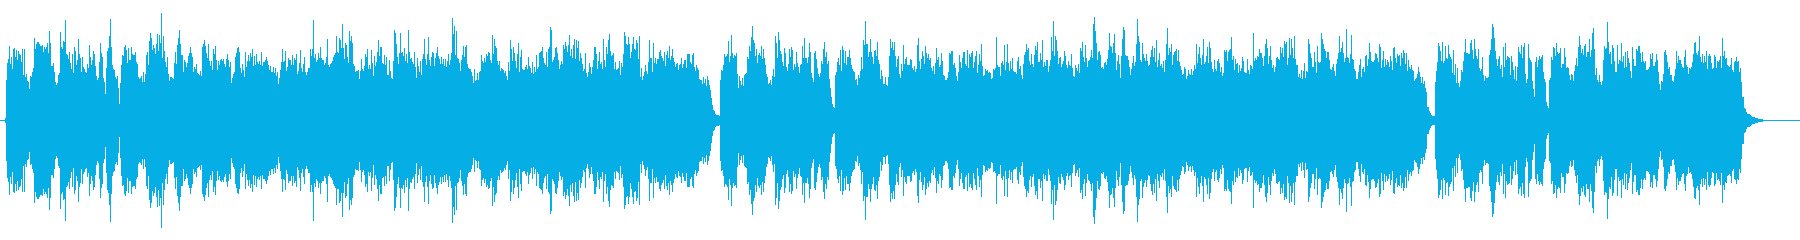 モーツァルト風の軽快な交響曲の再生済みの波形